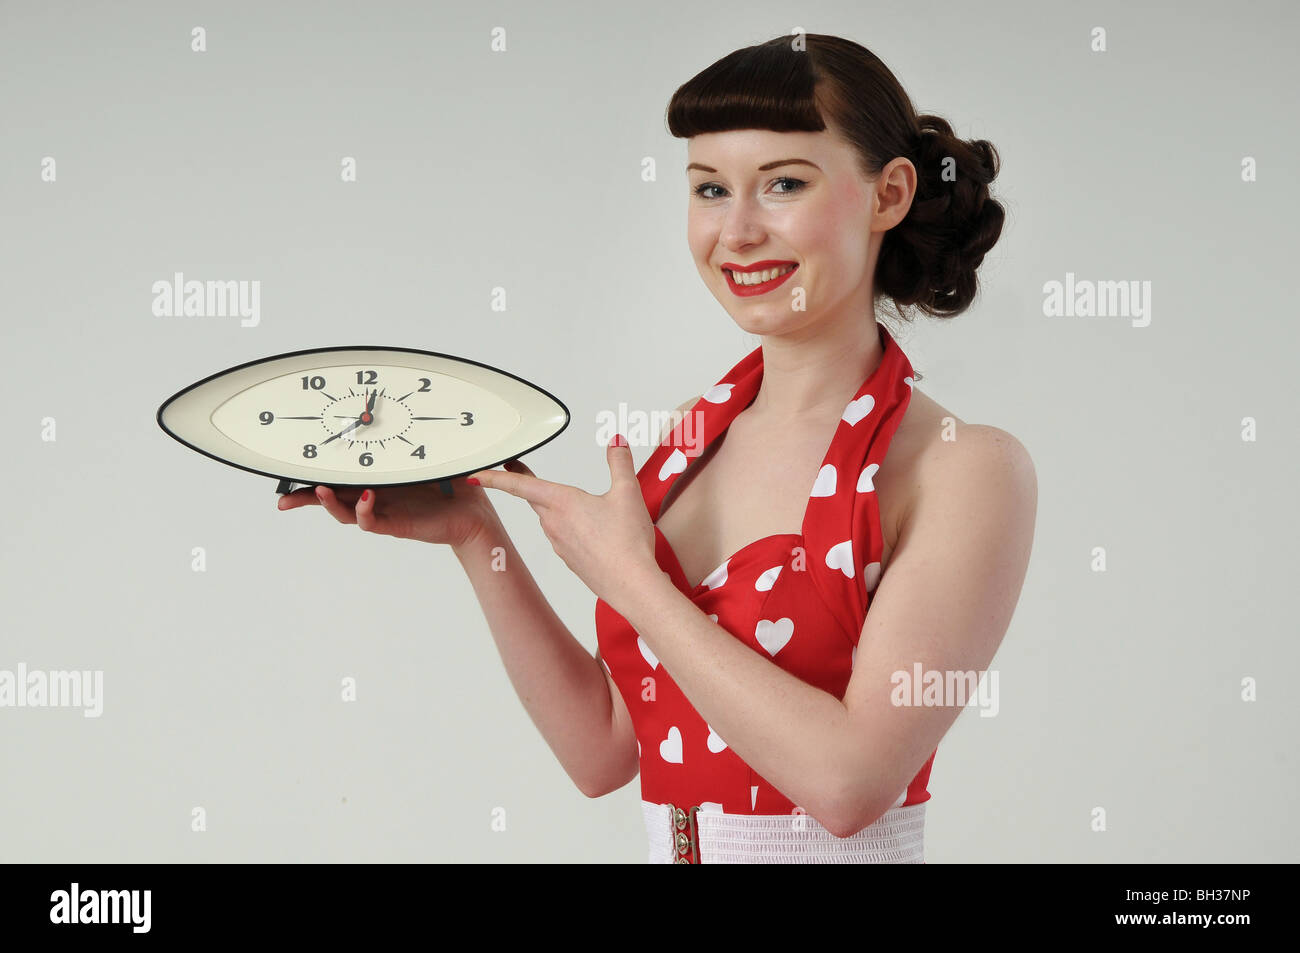 Uma rapariga bonita na década de vestido estilo segurando um relógio Imagens de Stock